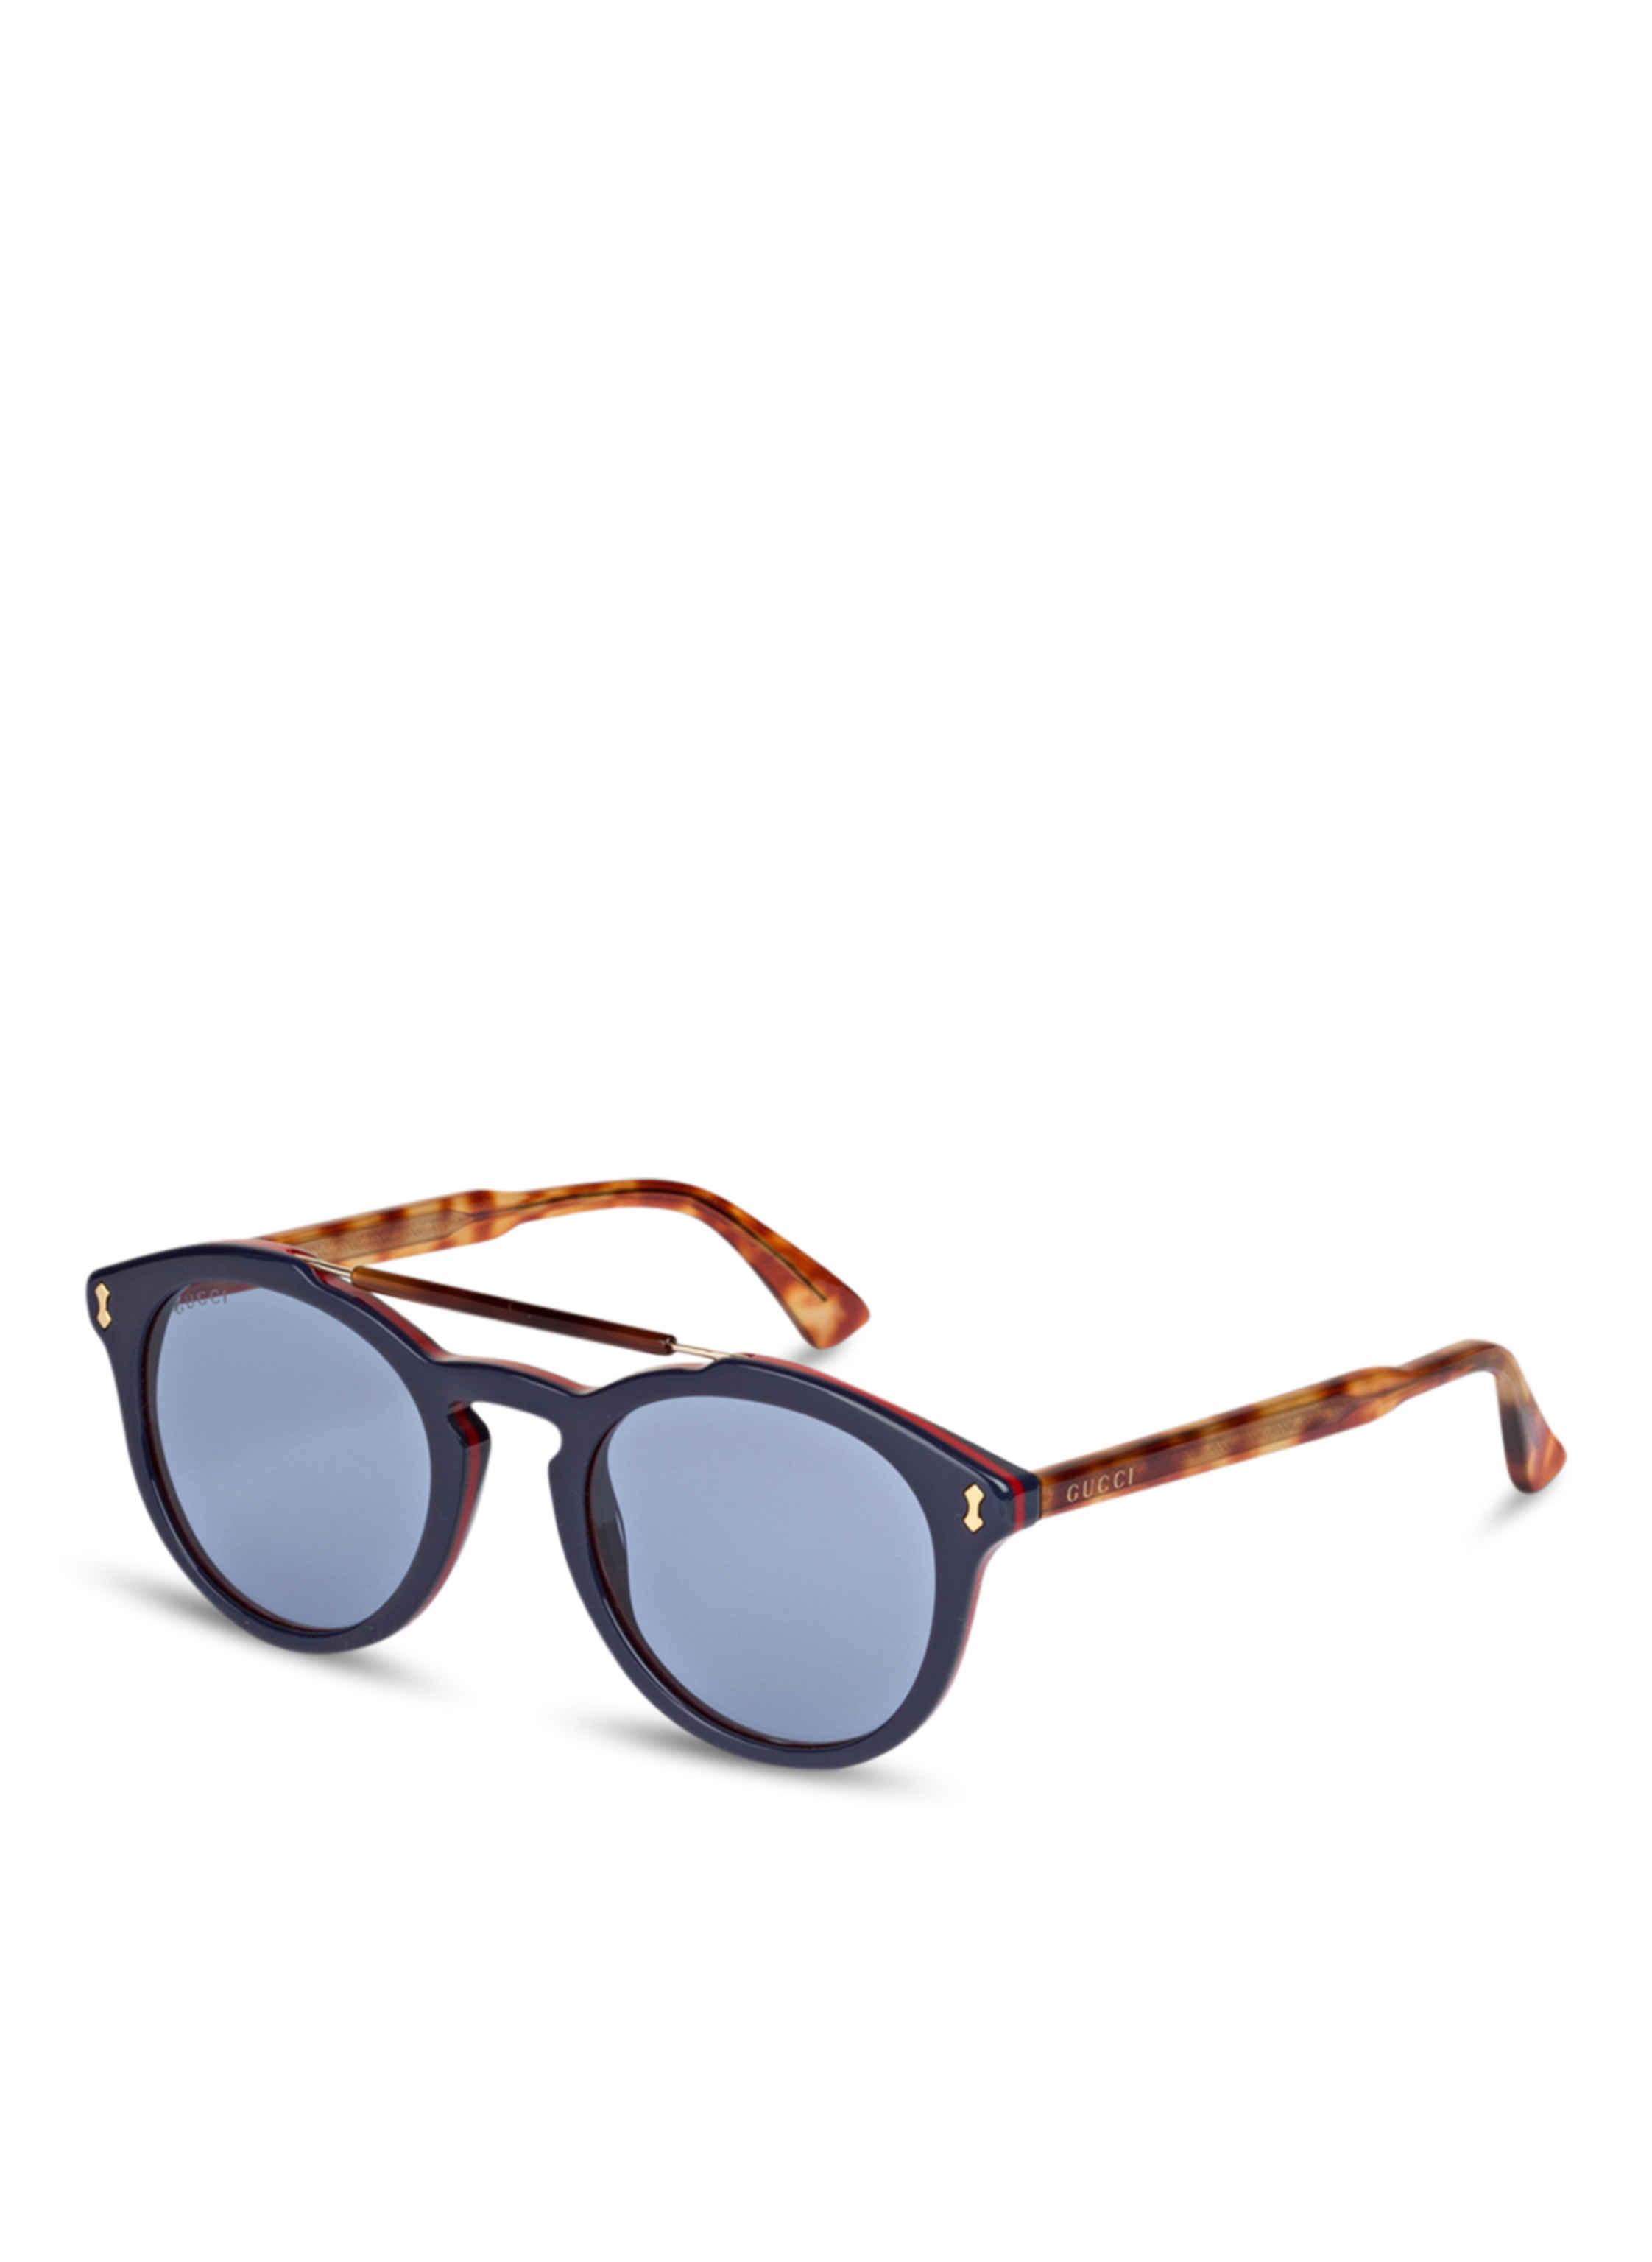 Sonnenbrille GG0124S von GUCCI bei Breuninger kaufen